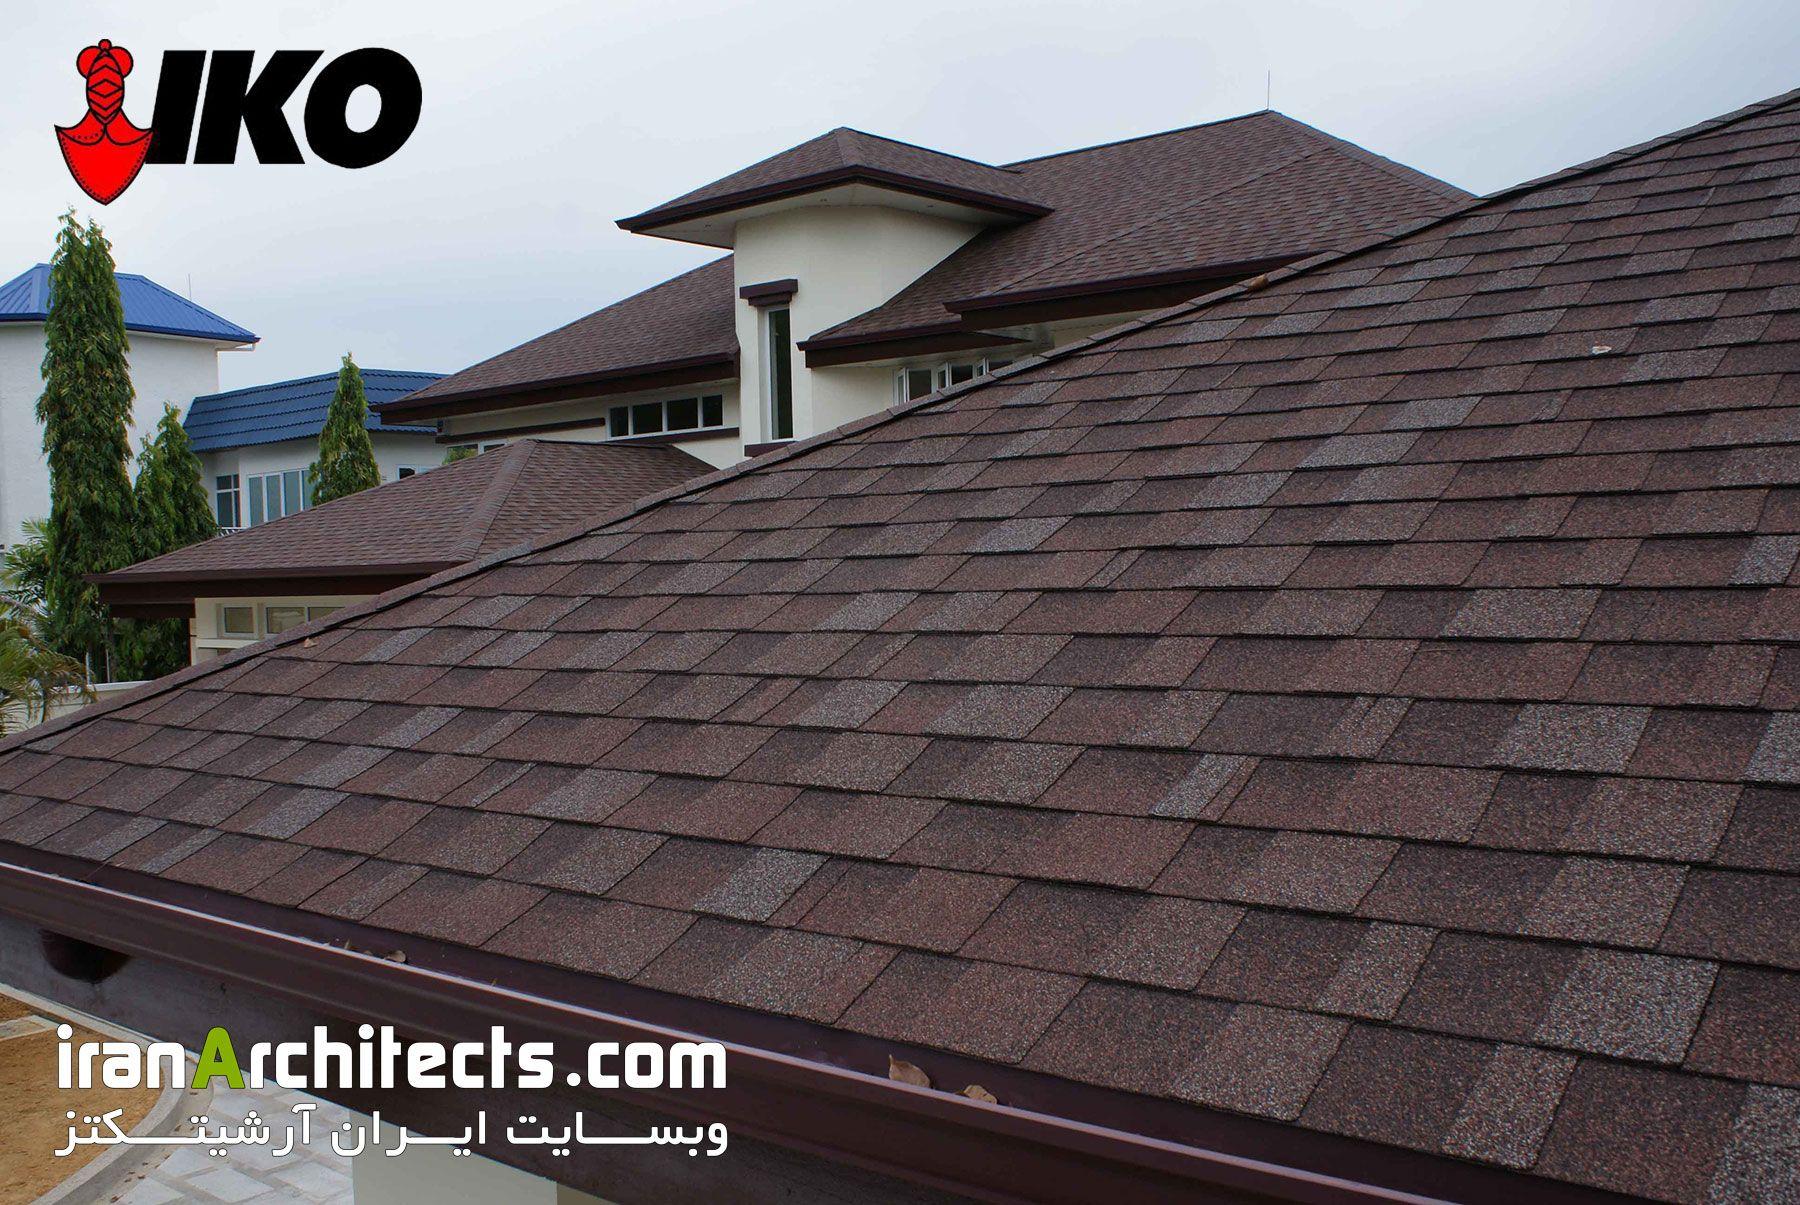 شرکت بناداران عصر نماینده انحصاری این برند در ایران است Http Iranarchitects Com Company 535 Banadaran Asr Roof Architecture Modern Roofing House Roof